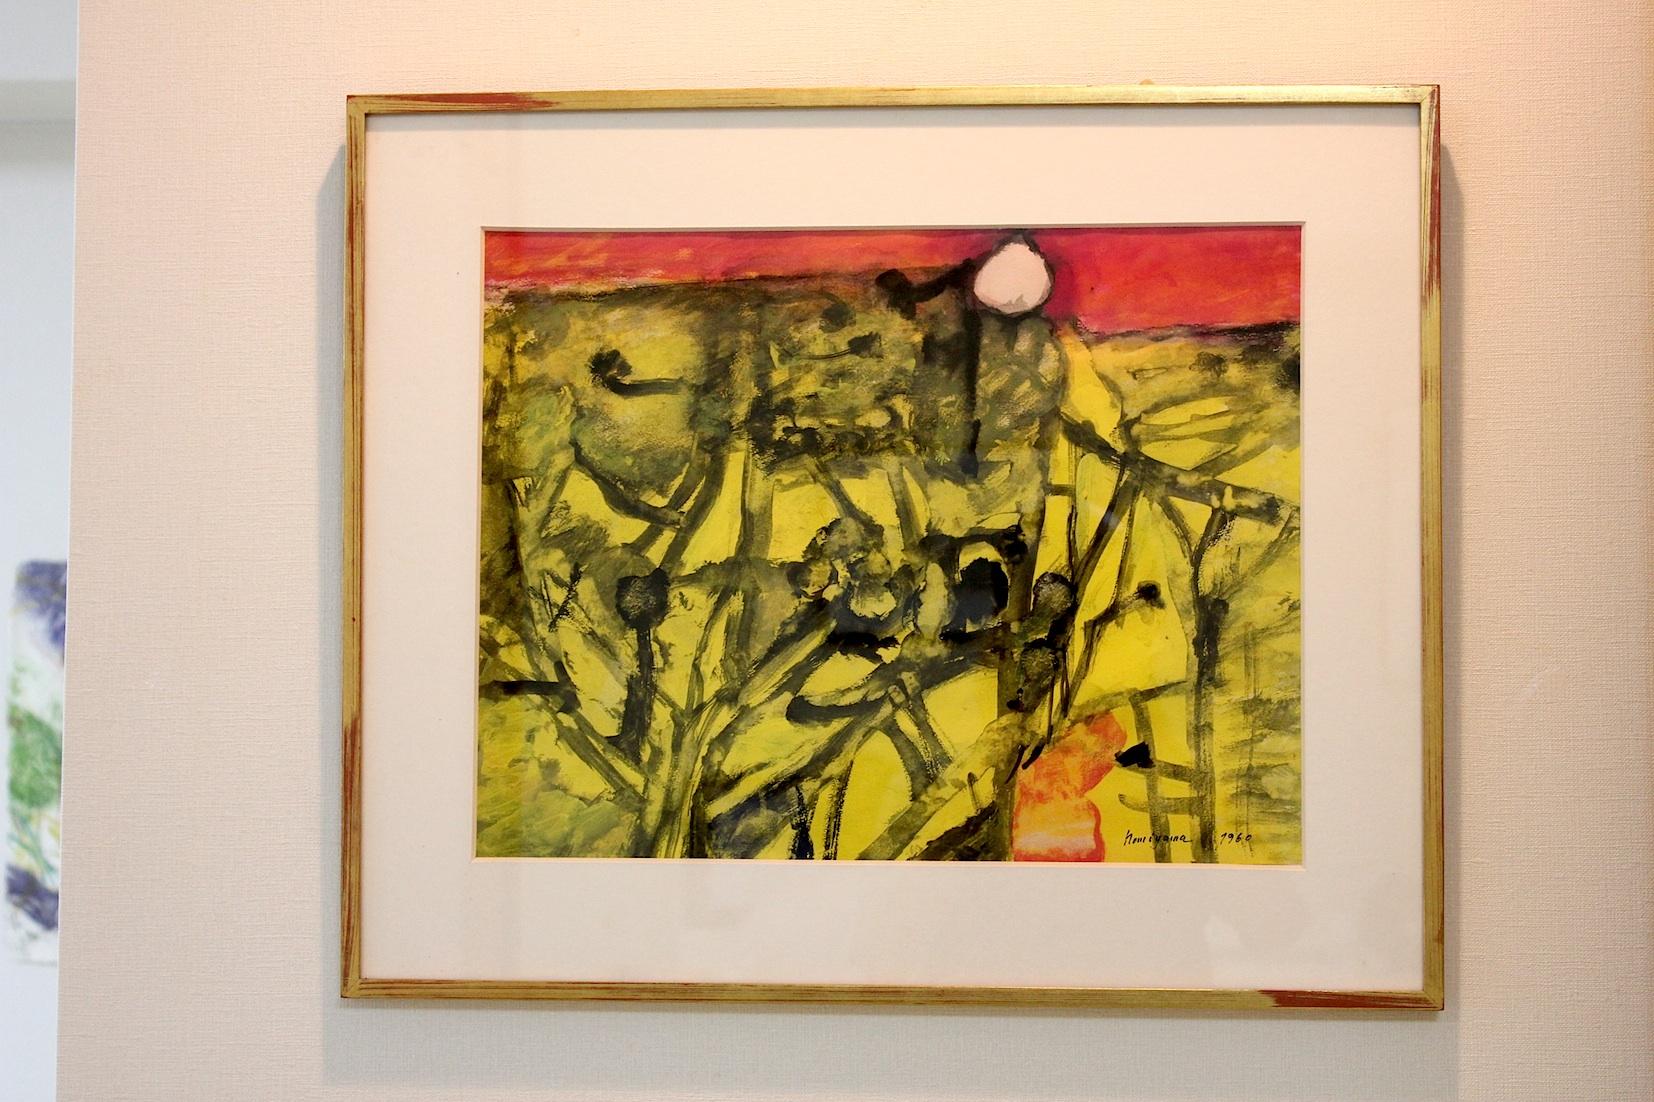 野見山暁治 黄色い風景   グアッシュ、紙 1960年